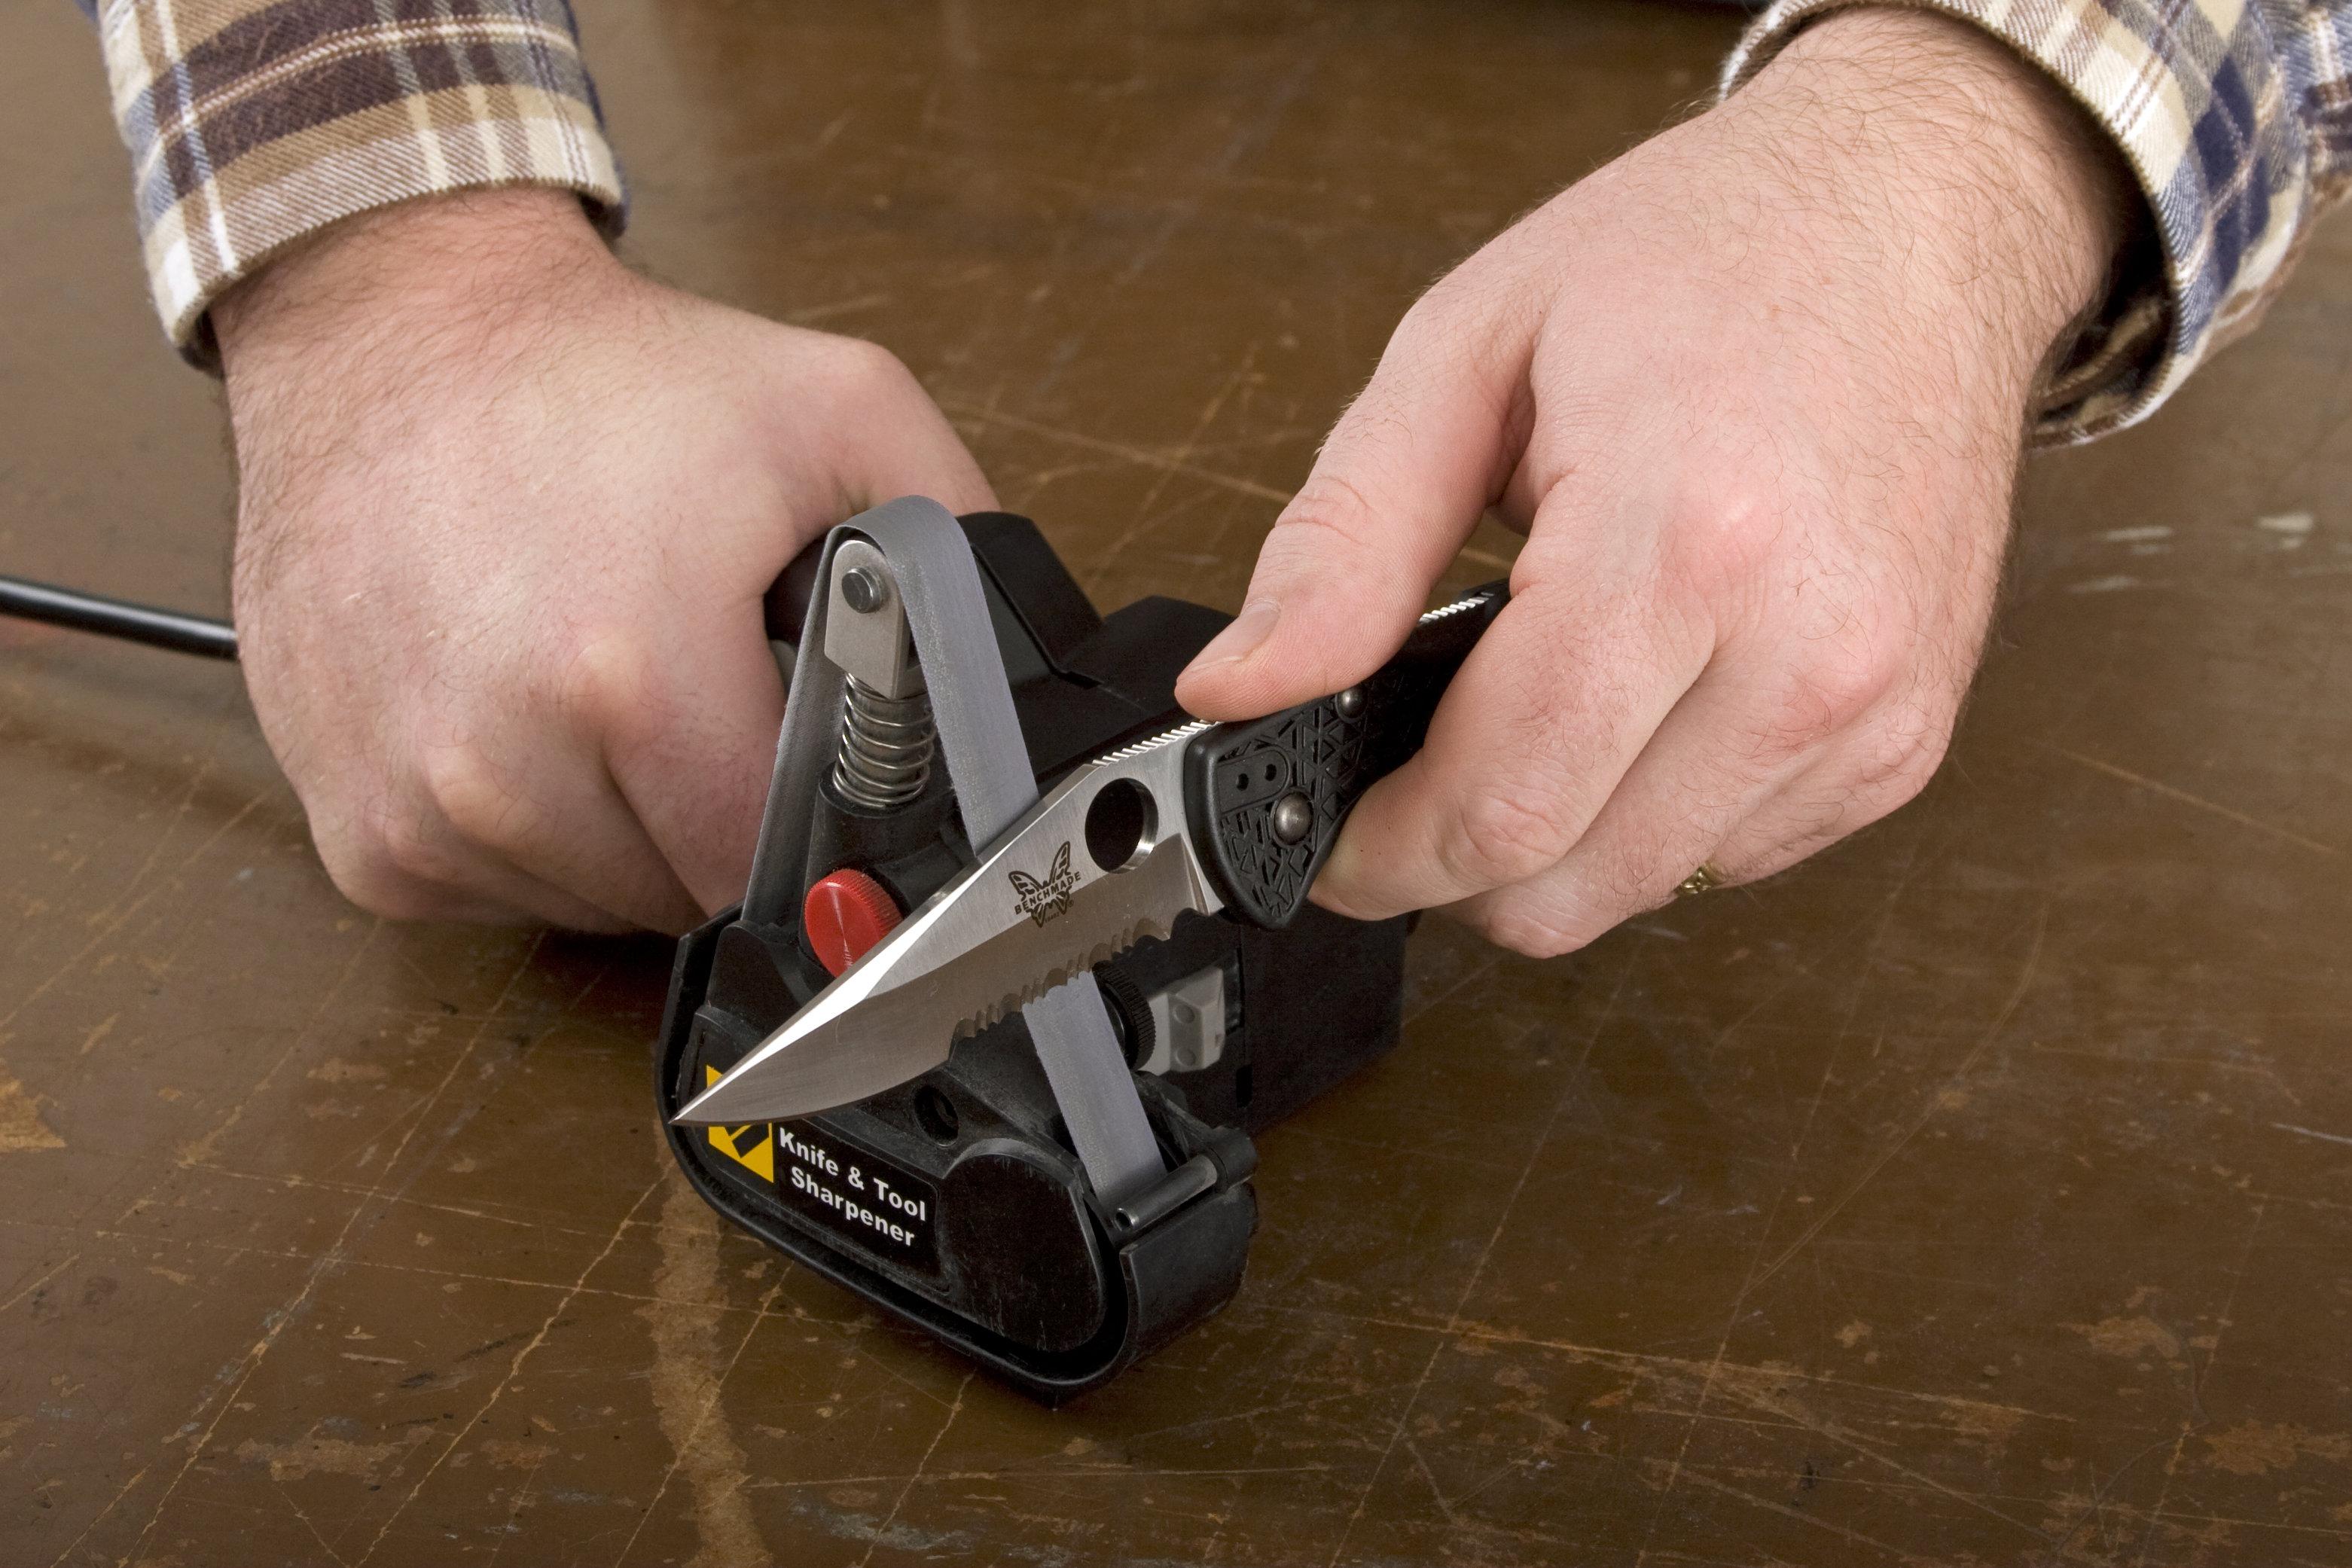 bobet sharp easy manual knife sharpener